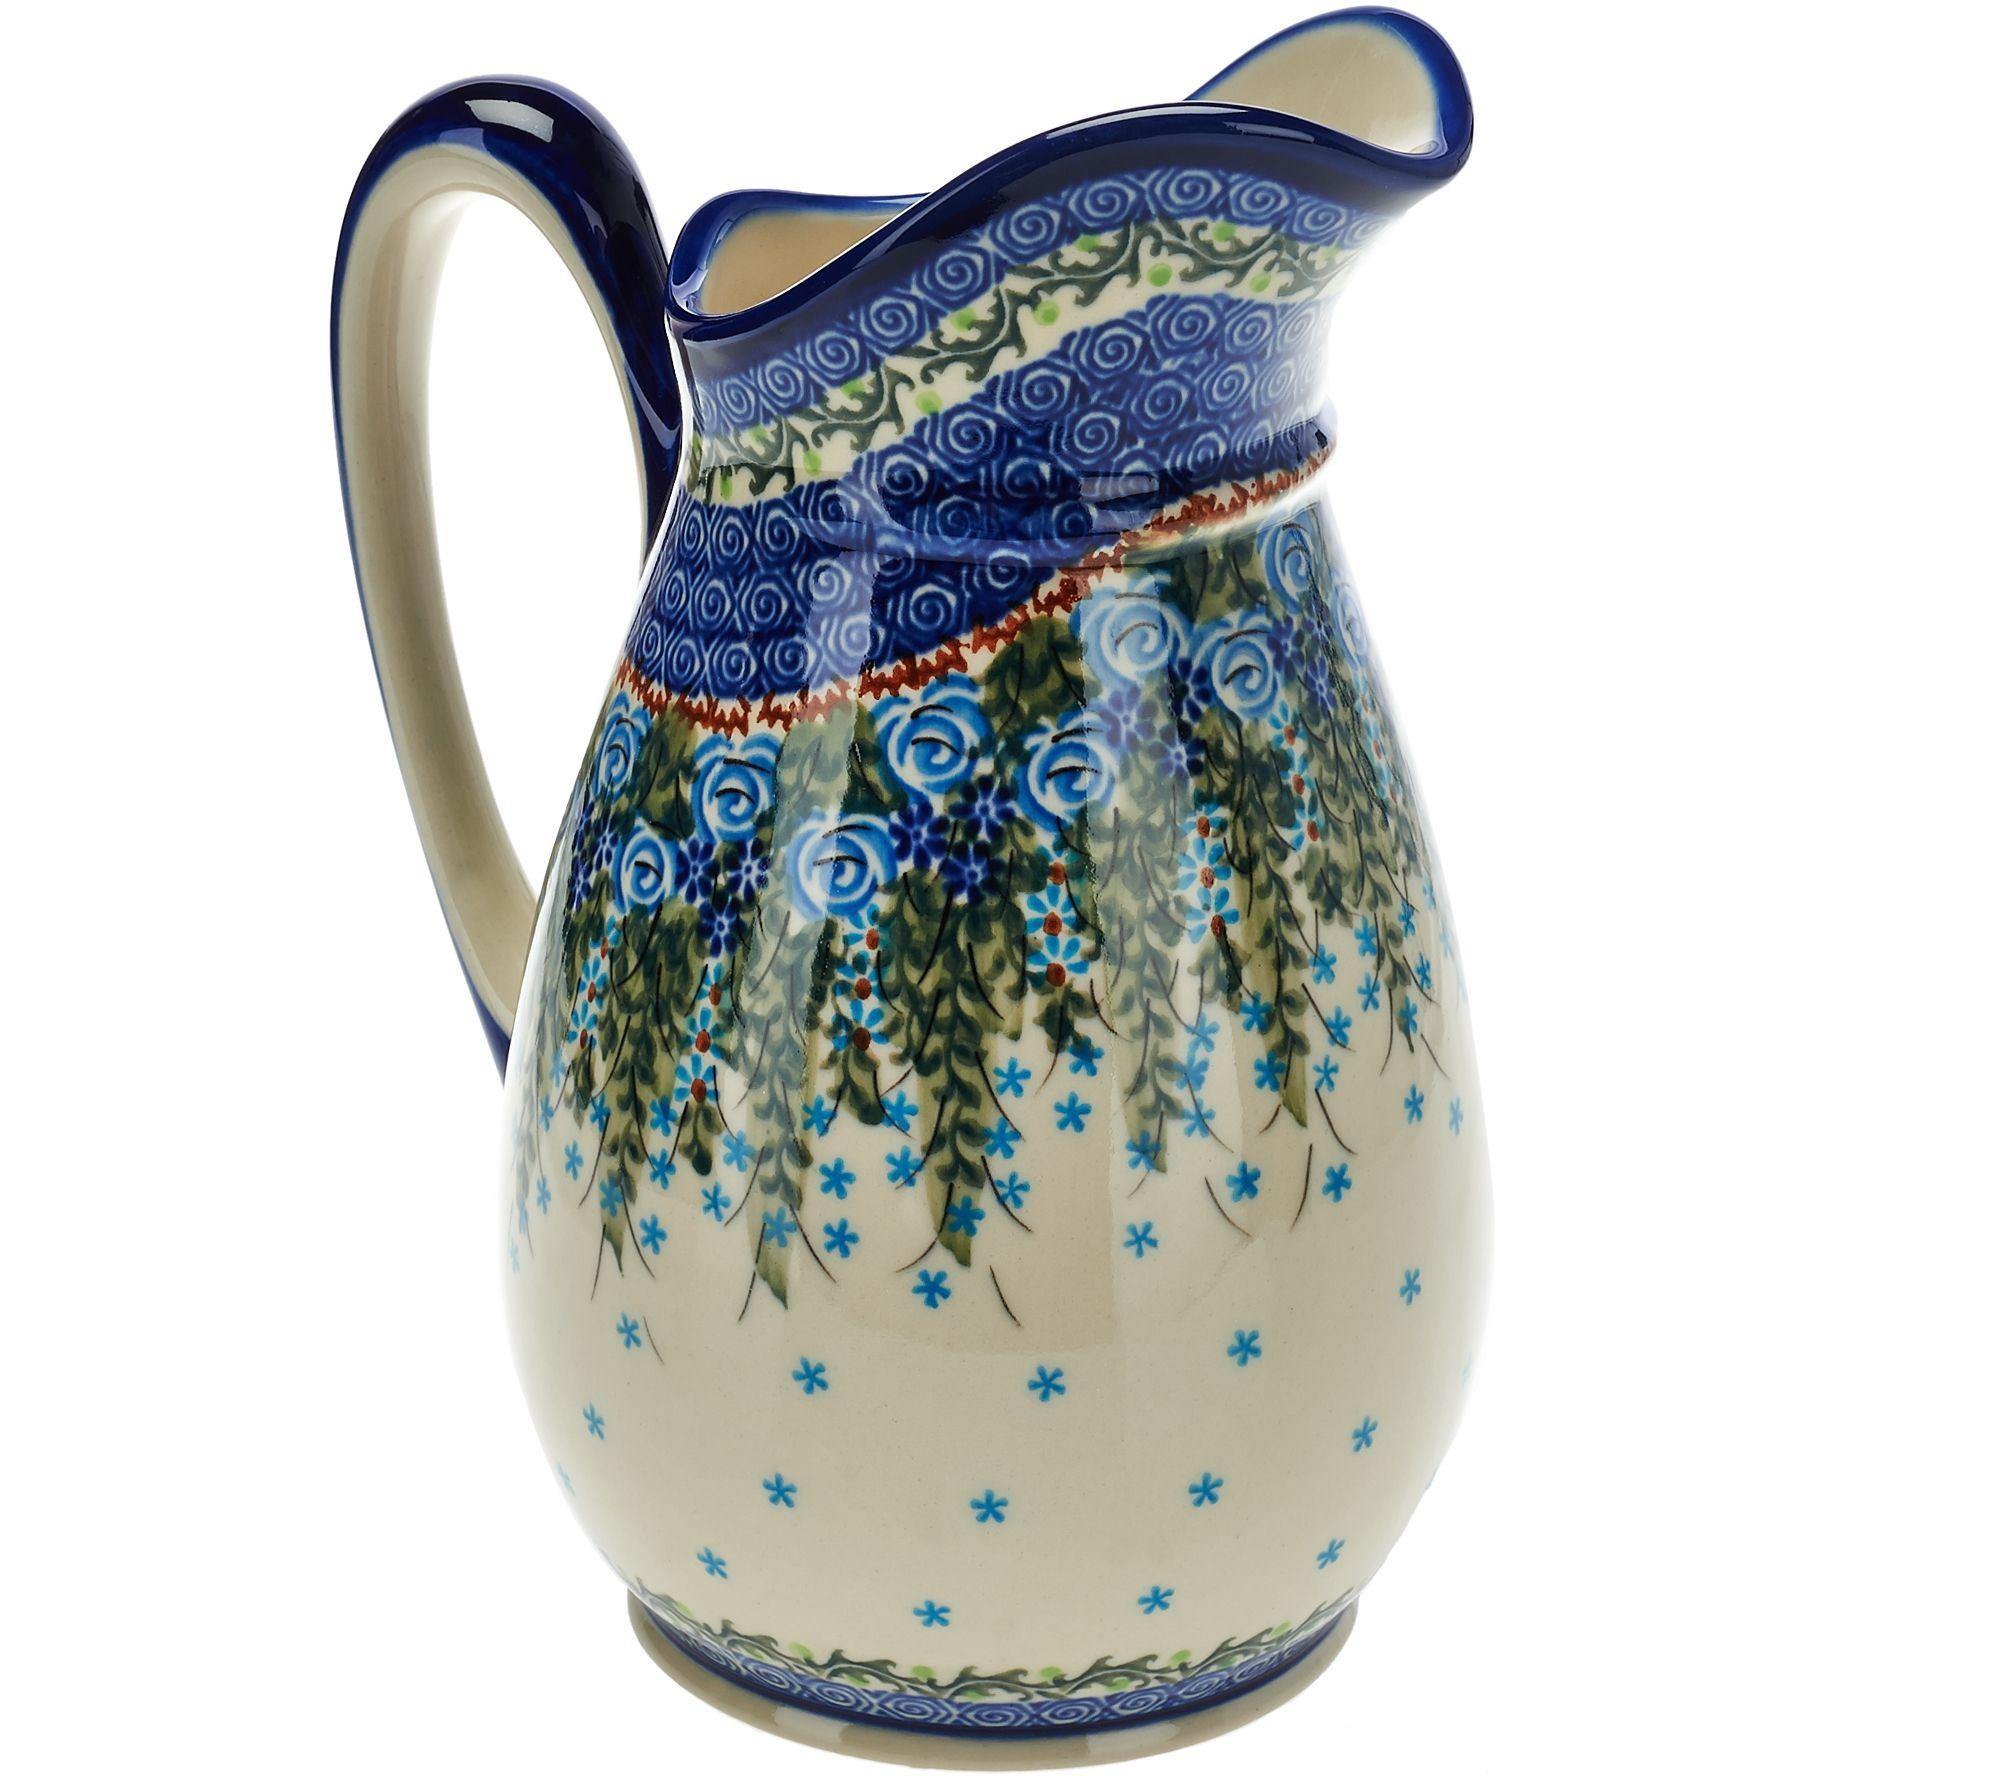 Lidiau0027s Polish Pottery Stoneware Pitcher Olimp   H208597